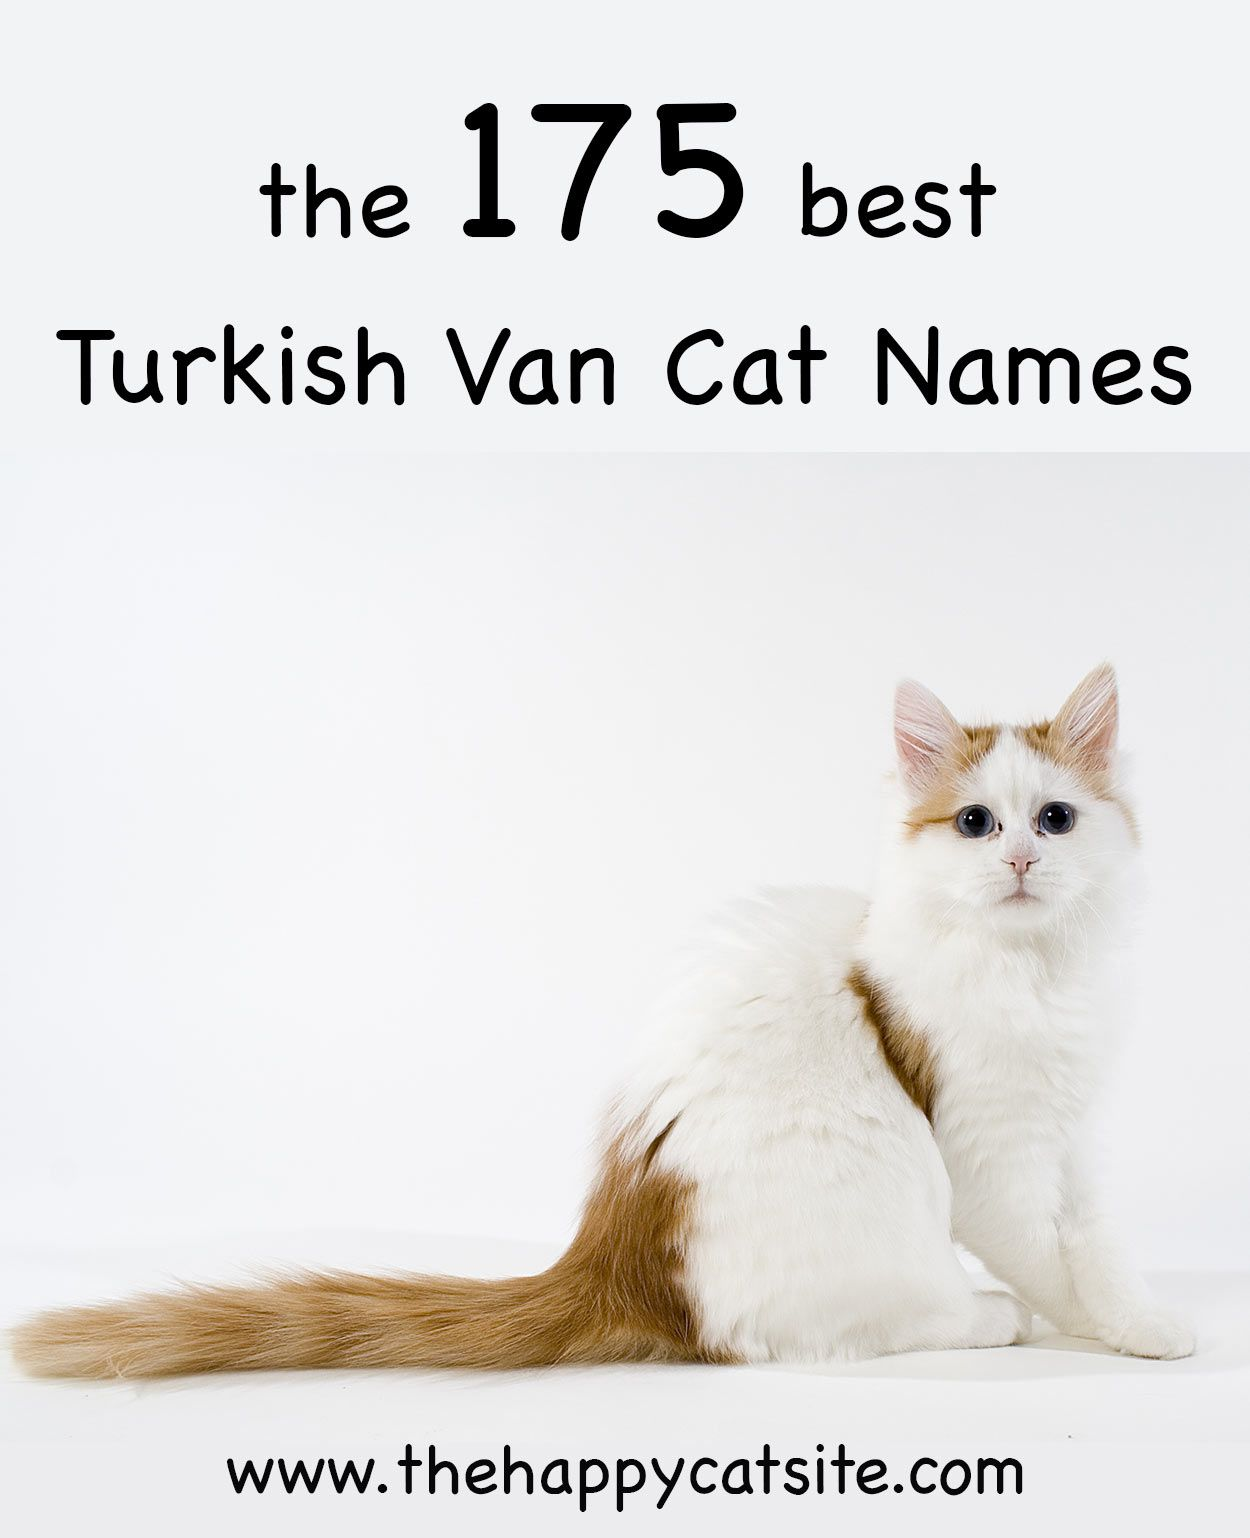 Turkish Van Cat Names 175 Unique Ideas Turkish van